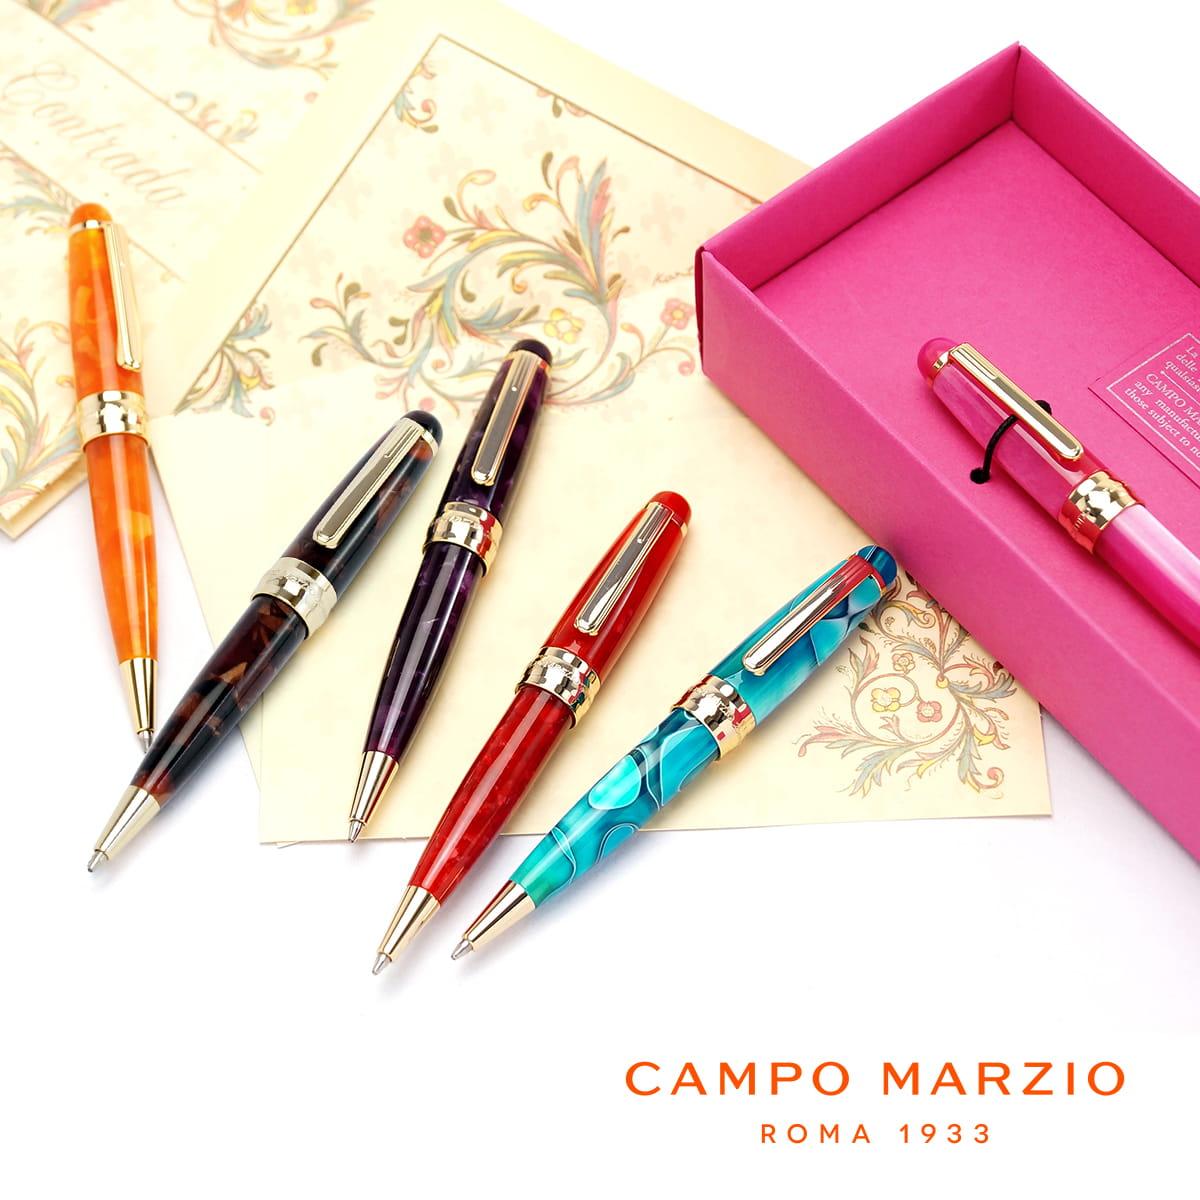 【イタリアブランド】 ボールペン 油性 セルロイド 高級 ブランド カンポマルツィオ CAMPO MARZIO LADY レディ ボールペン LADY-BP